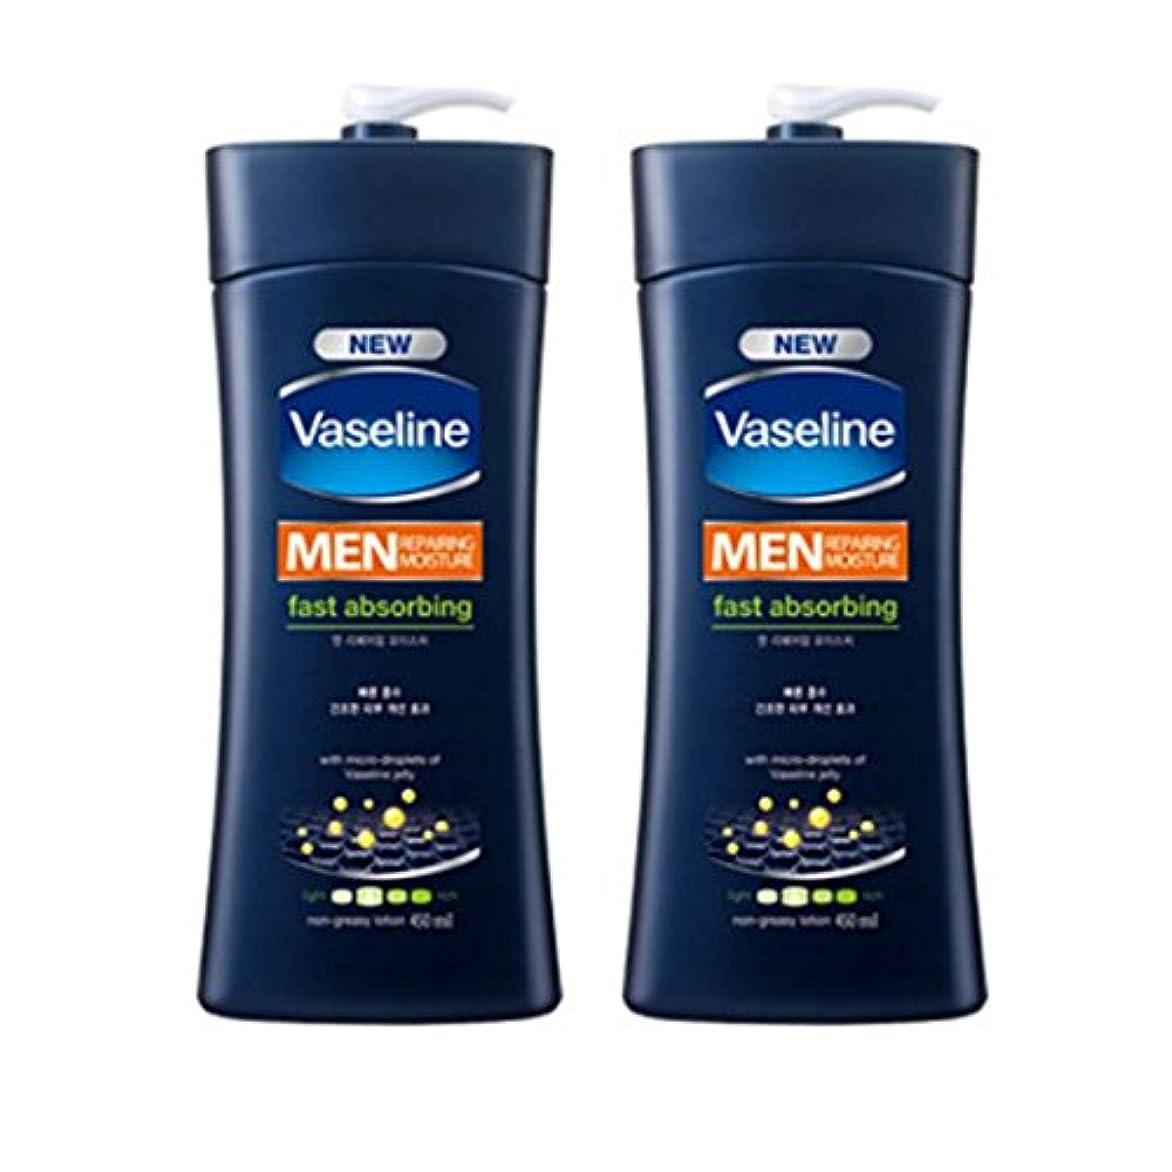 観光に行くおしゃれな側ヴァセリン メンズ リペアリング モイスチャーローション(Vaseline Man Repairing Moisture Lotion) 450ml X 2個 [並行輸入品]